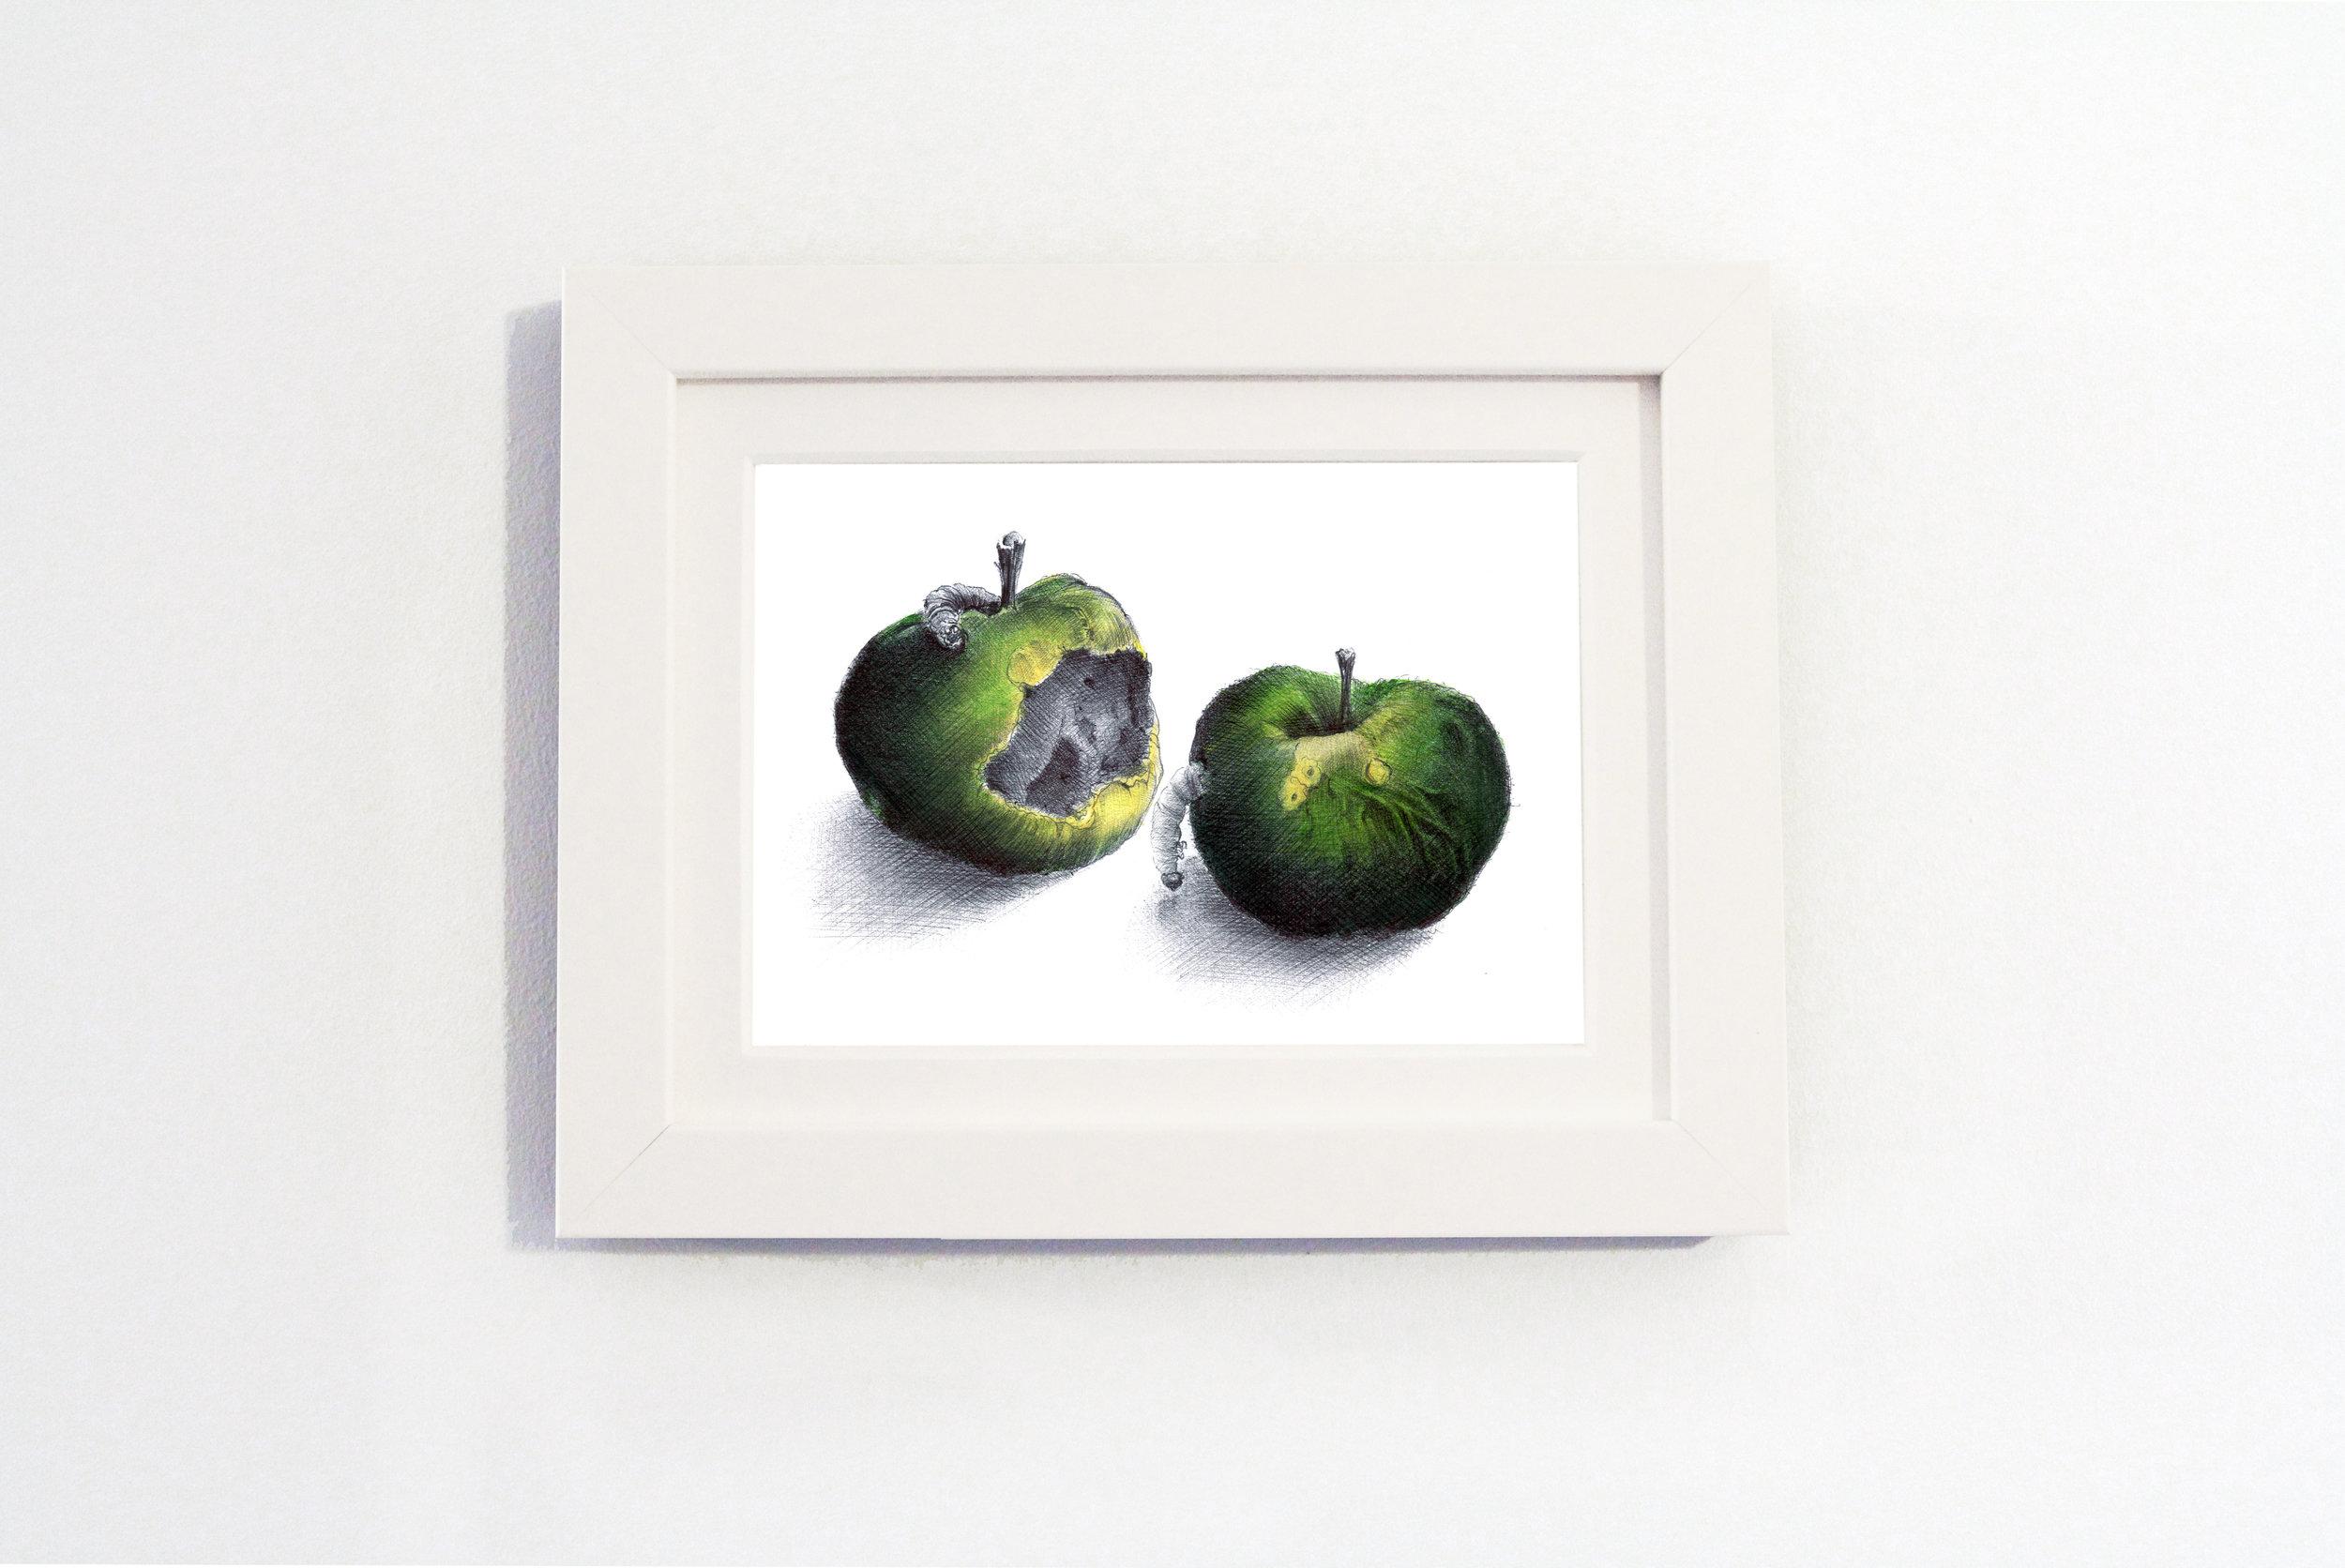 Apple White frame2.jpg